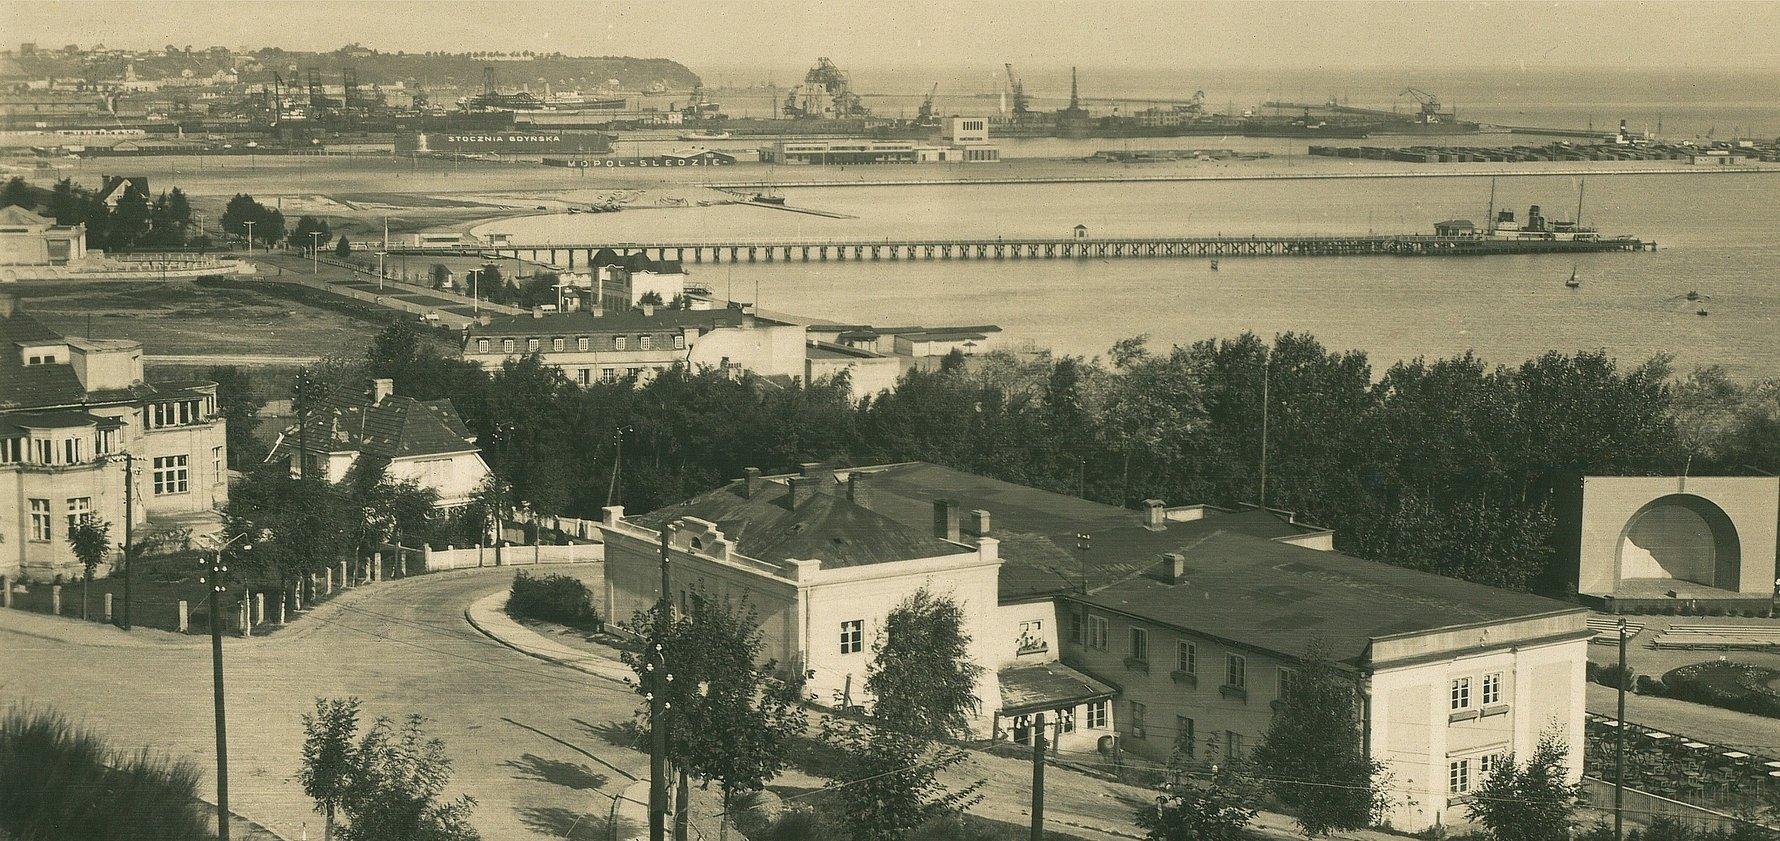 Gdynia, View from Kamienna Gora, 1932, Photo Credit: Fotopolska.pl